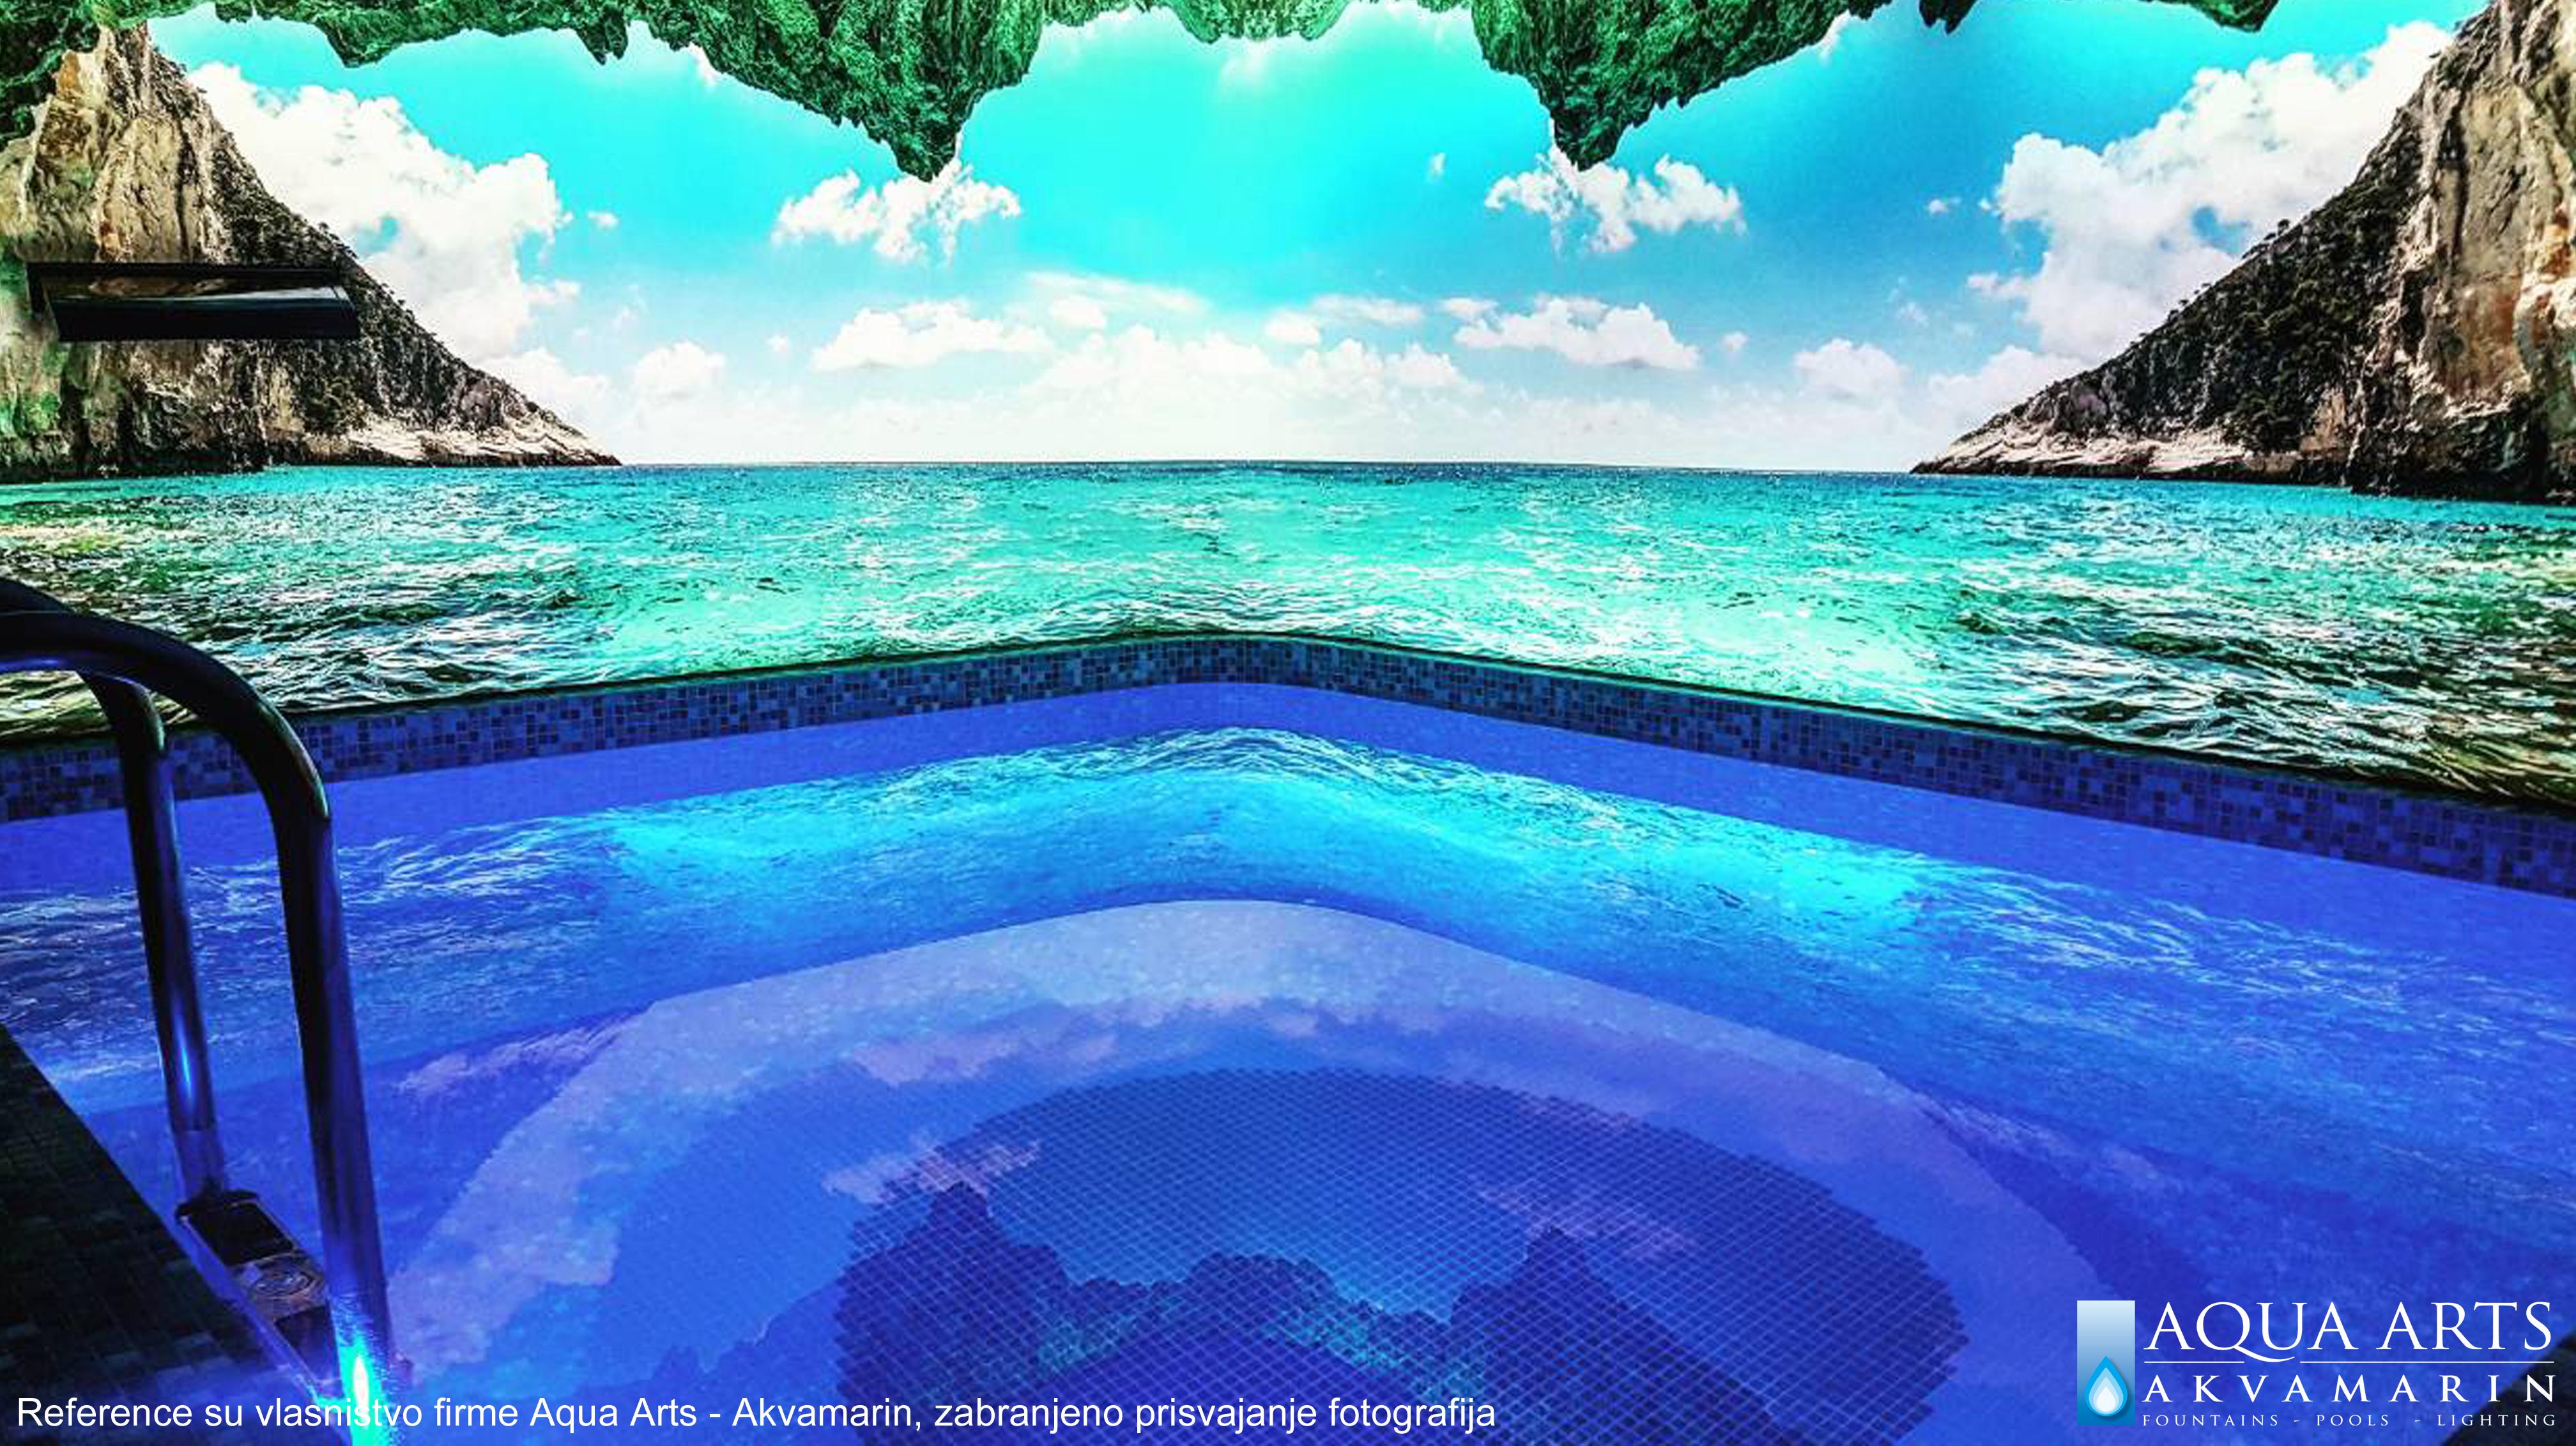 Aqua Arts – Akvamarin